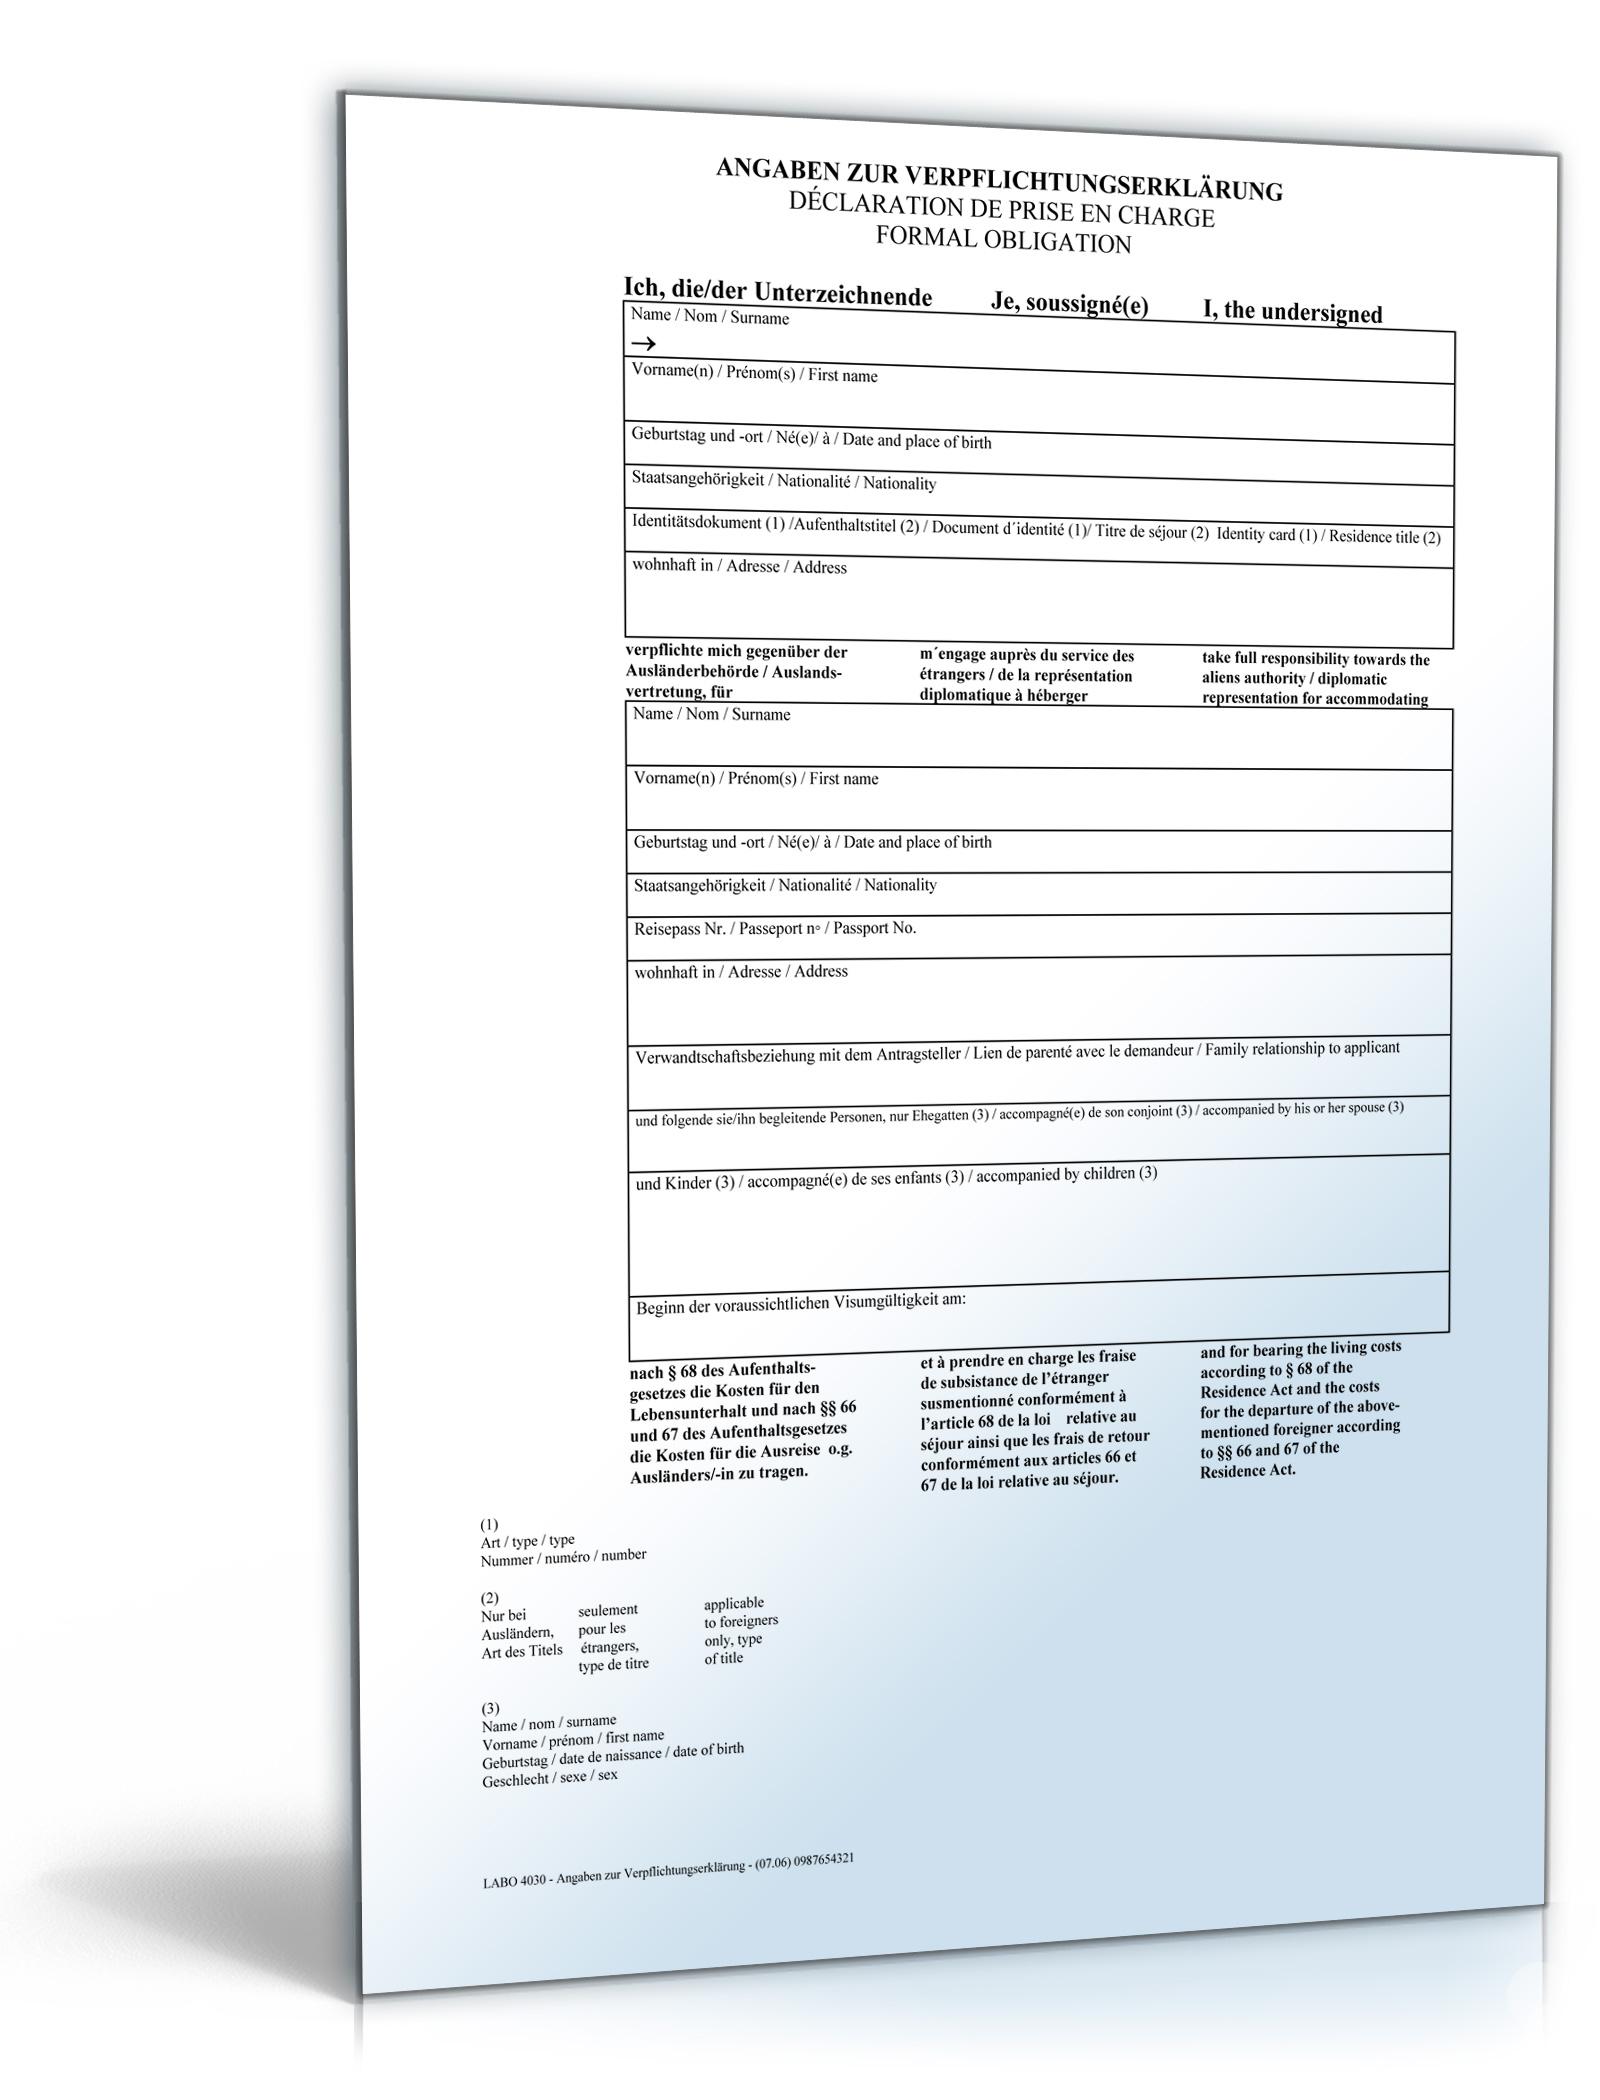 Verpflichtungserklärung für Einladung visumspflichtiger Ausländer ...